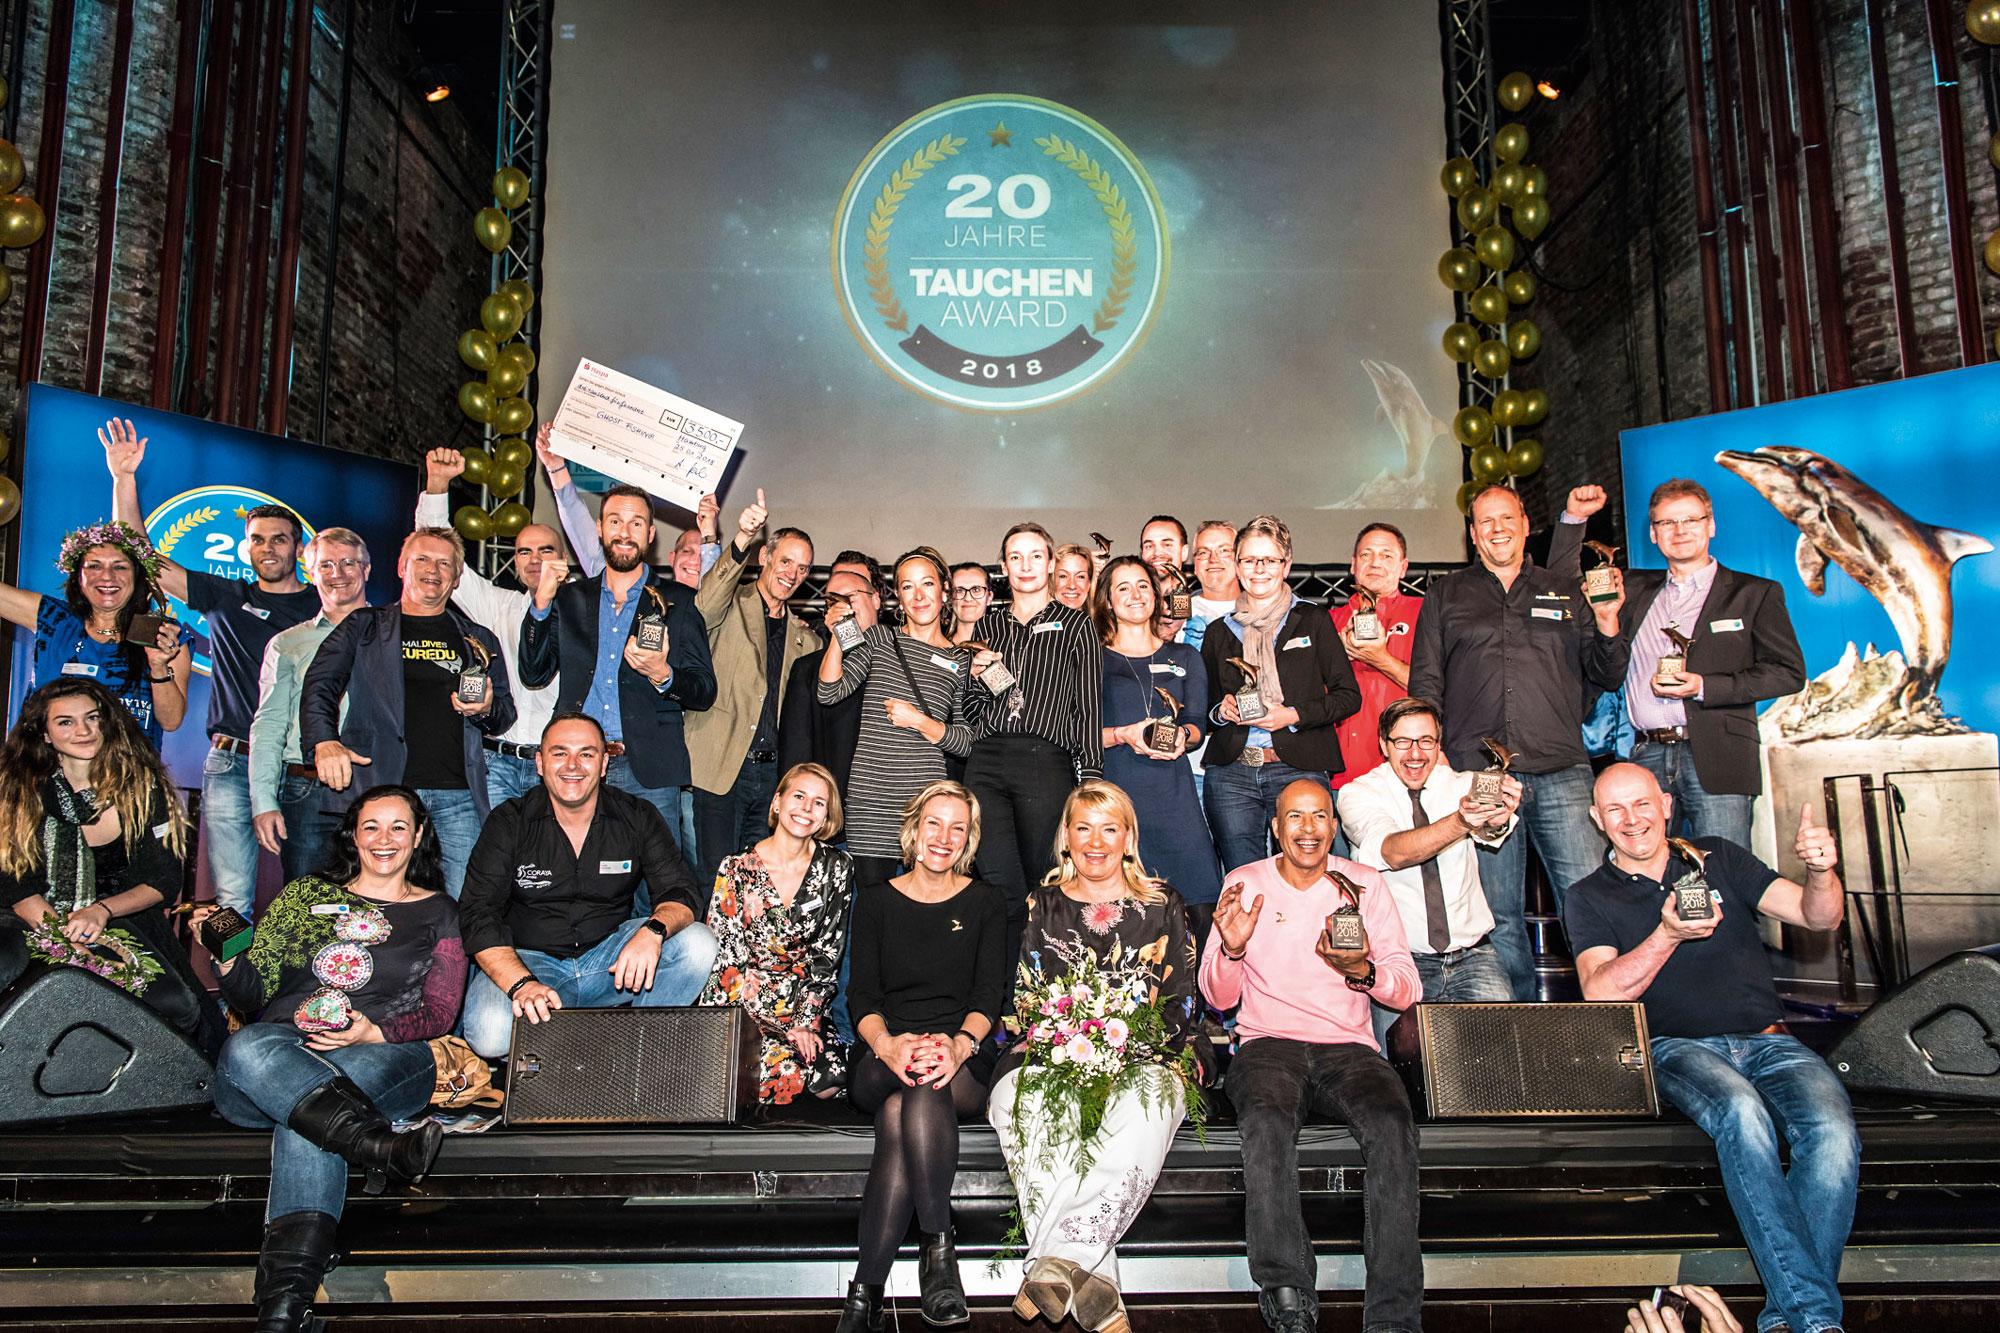 Gewinner auf Bühne versammelt